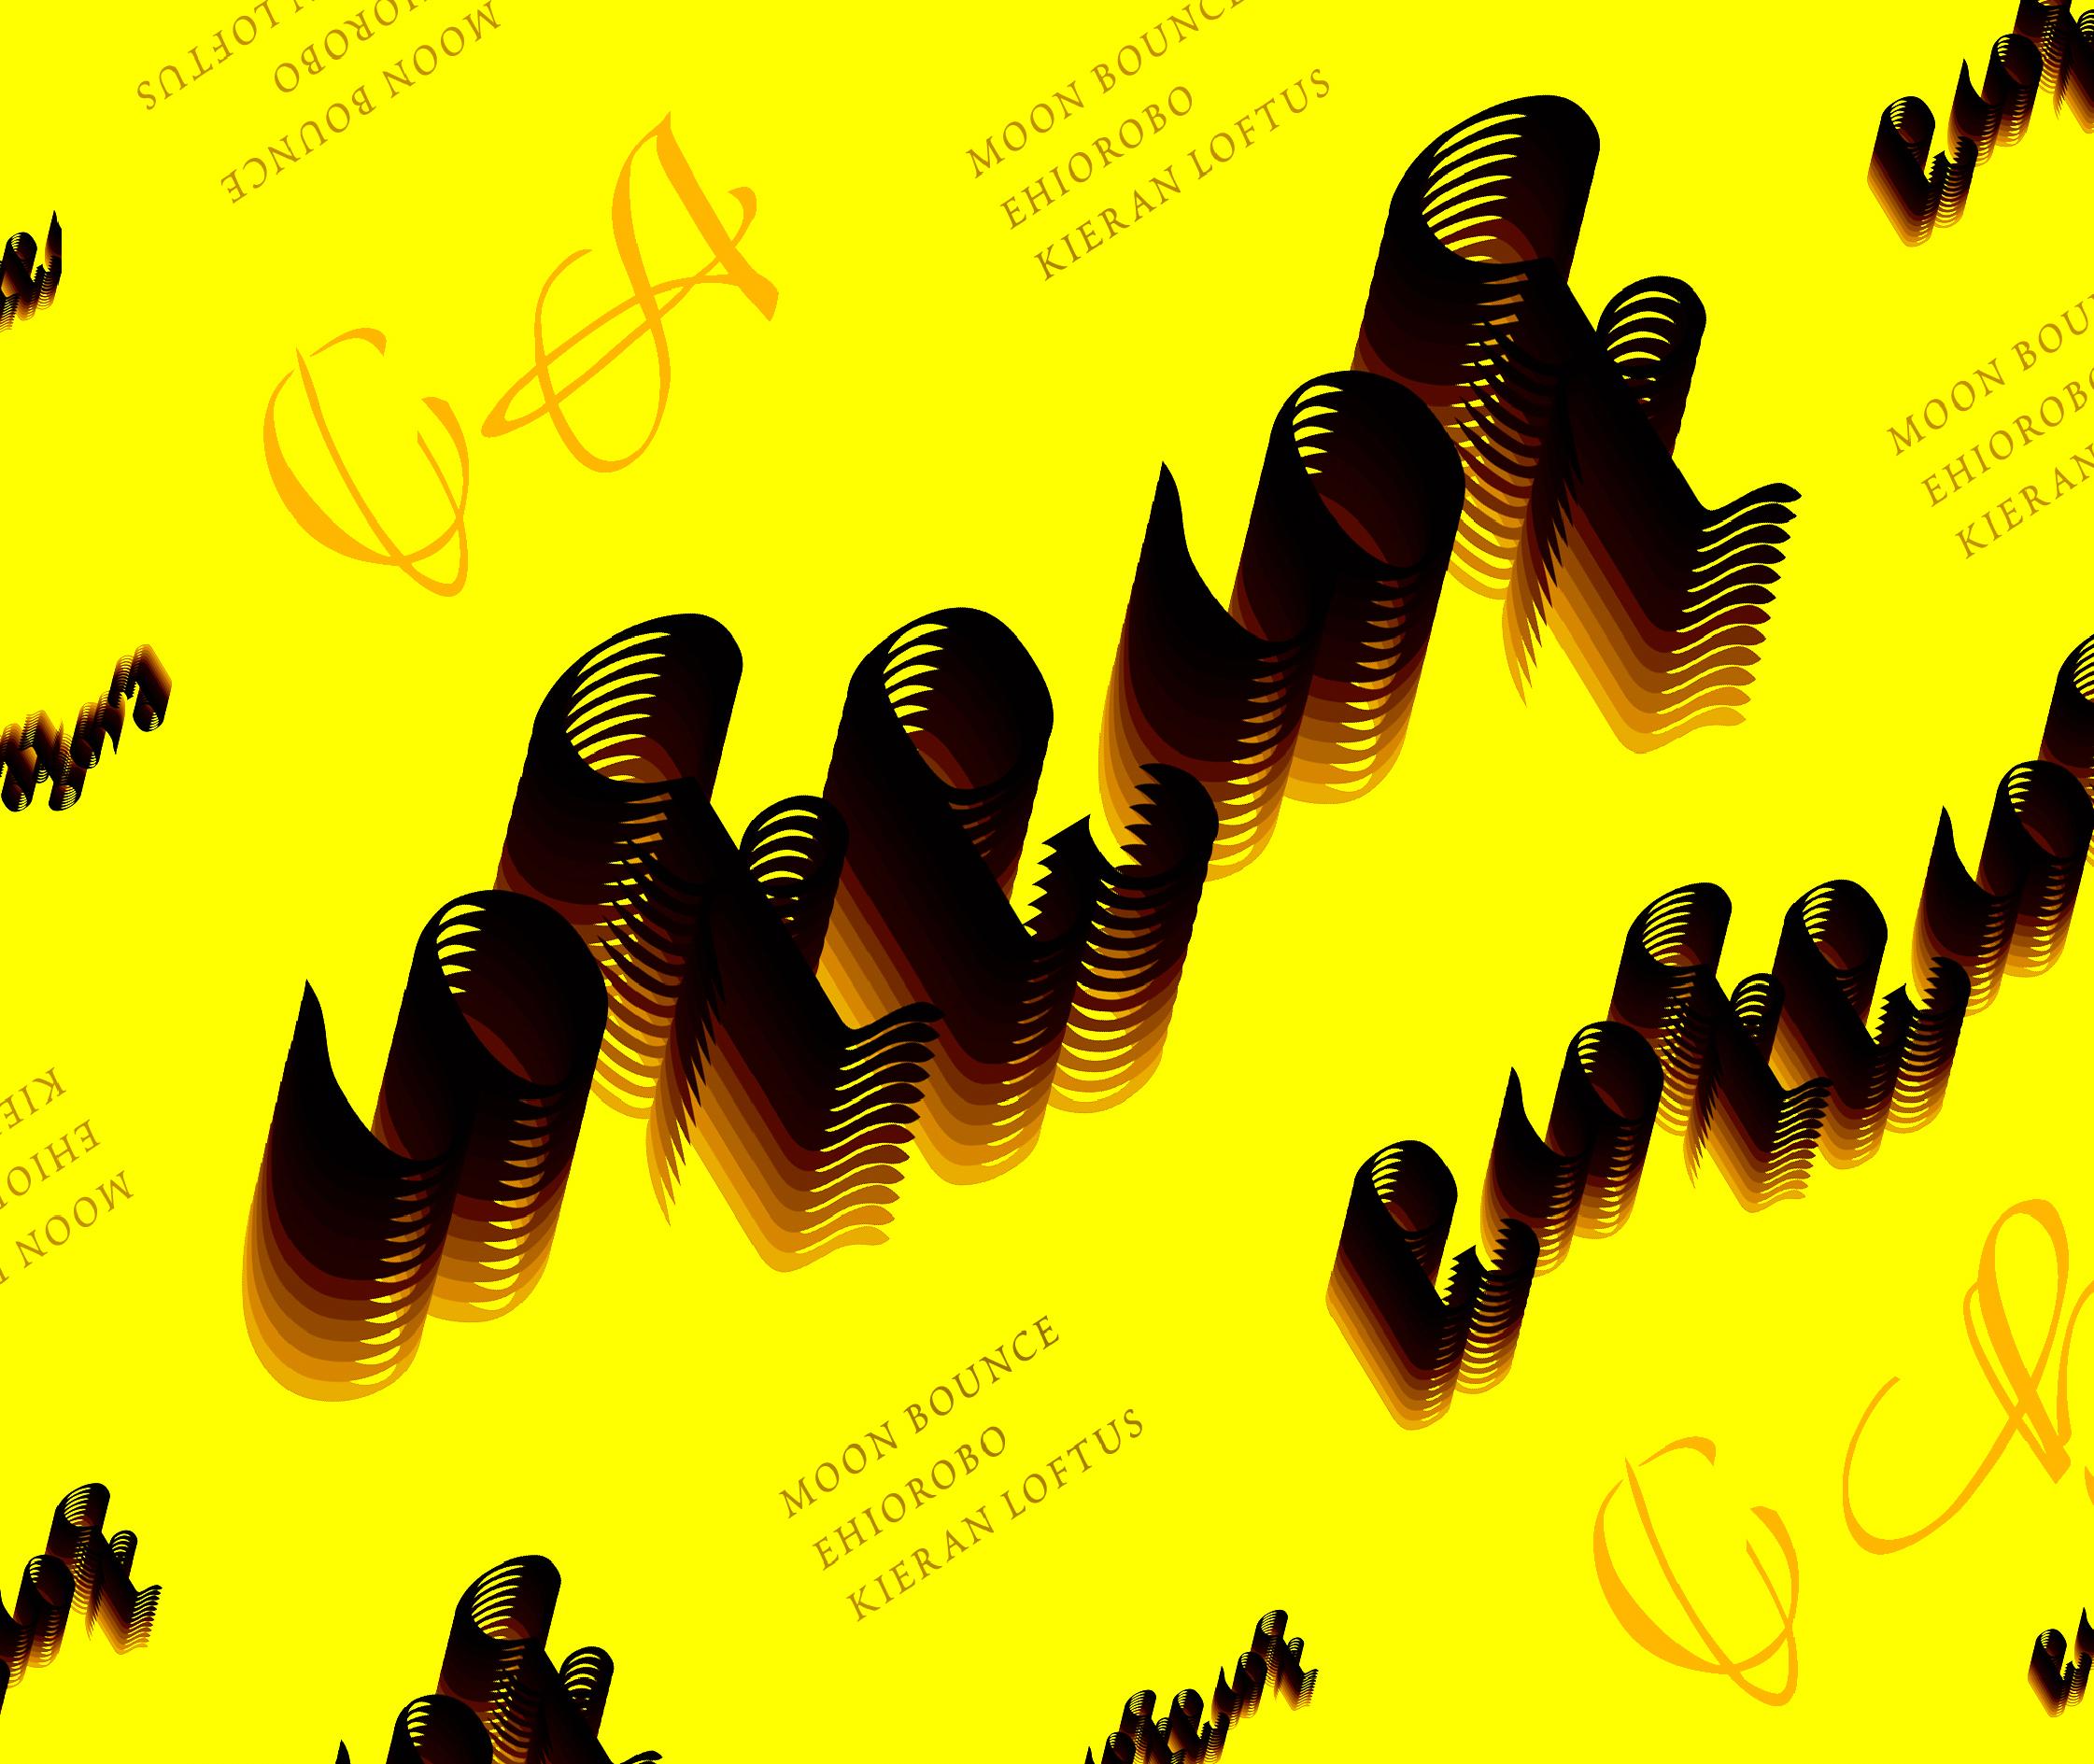 Poster Design, Illustration, Branding